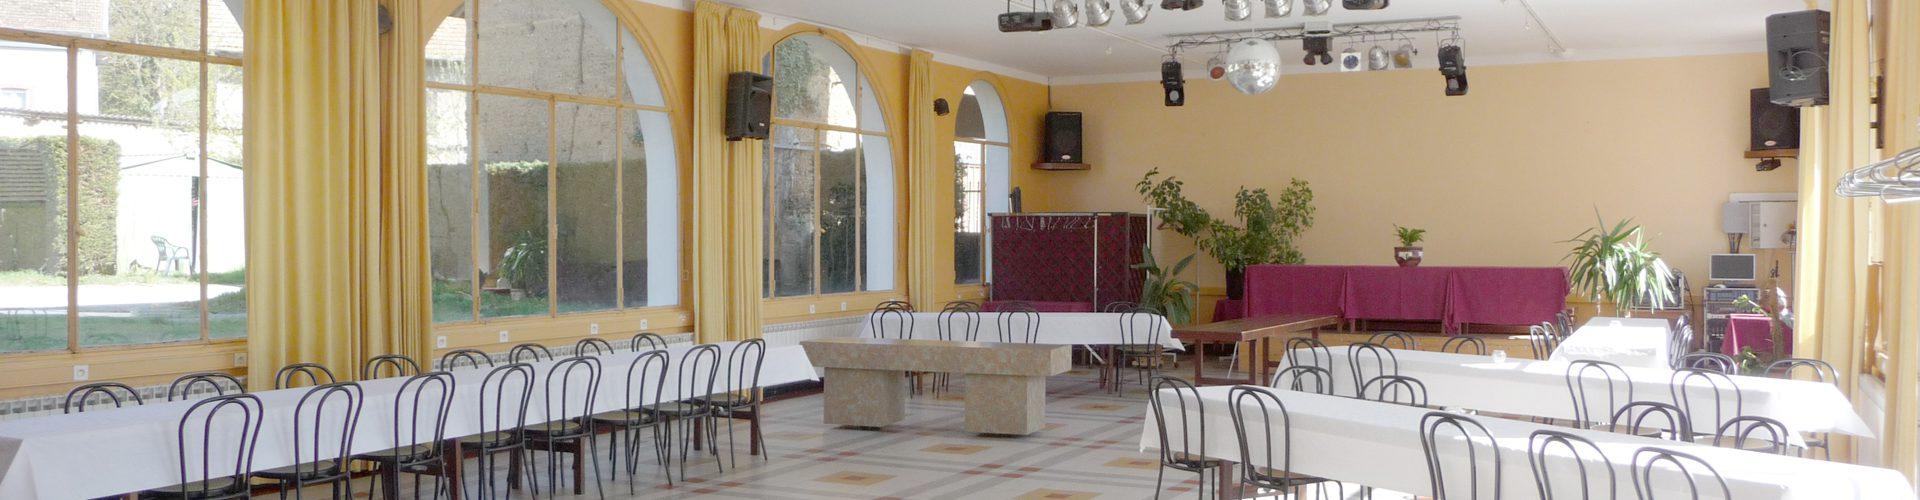 Restaurant Le Relais De La Tourelle - Salle Des Banquets